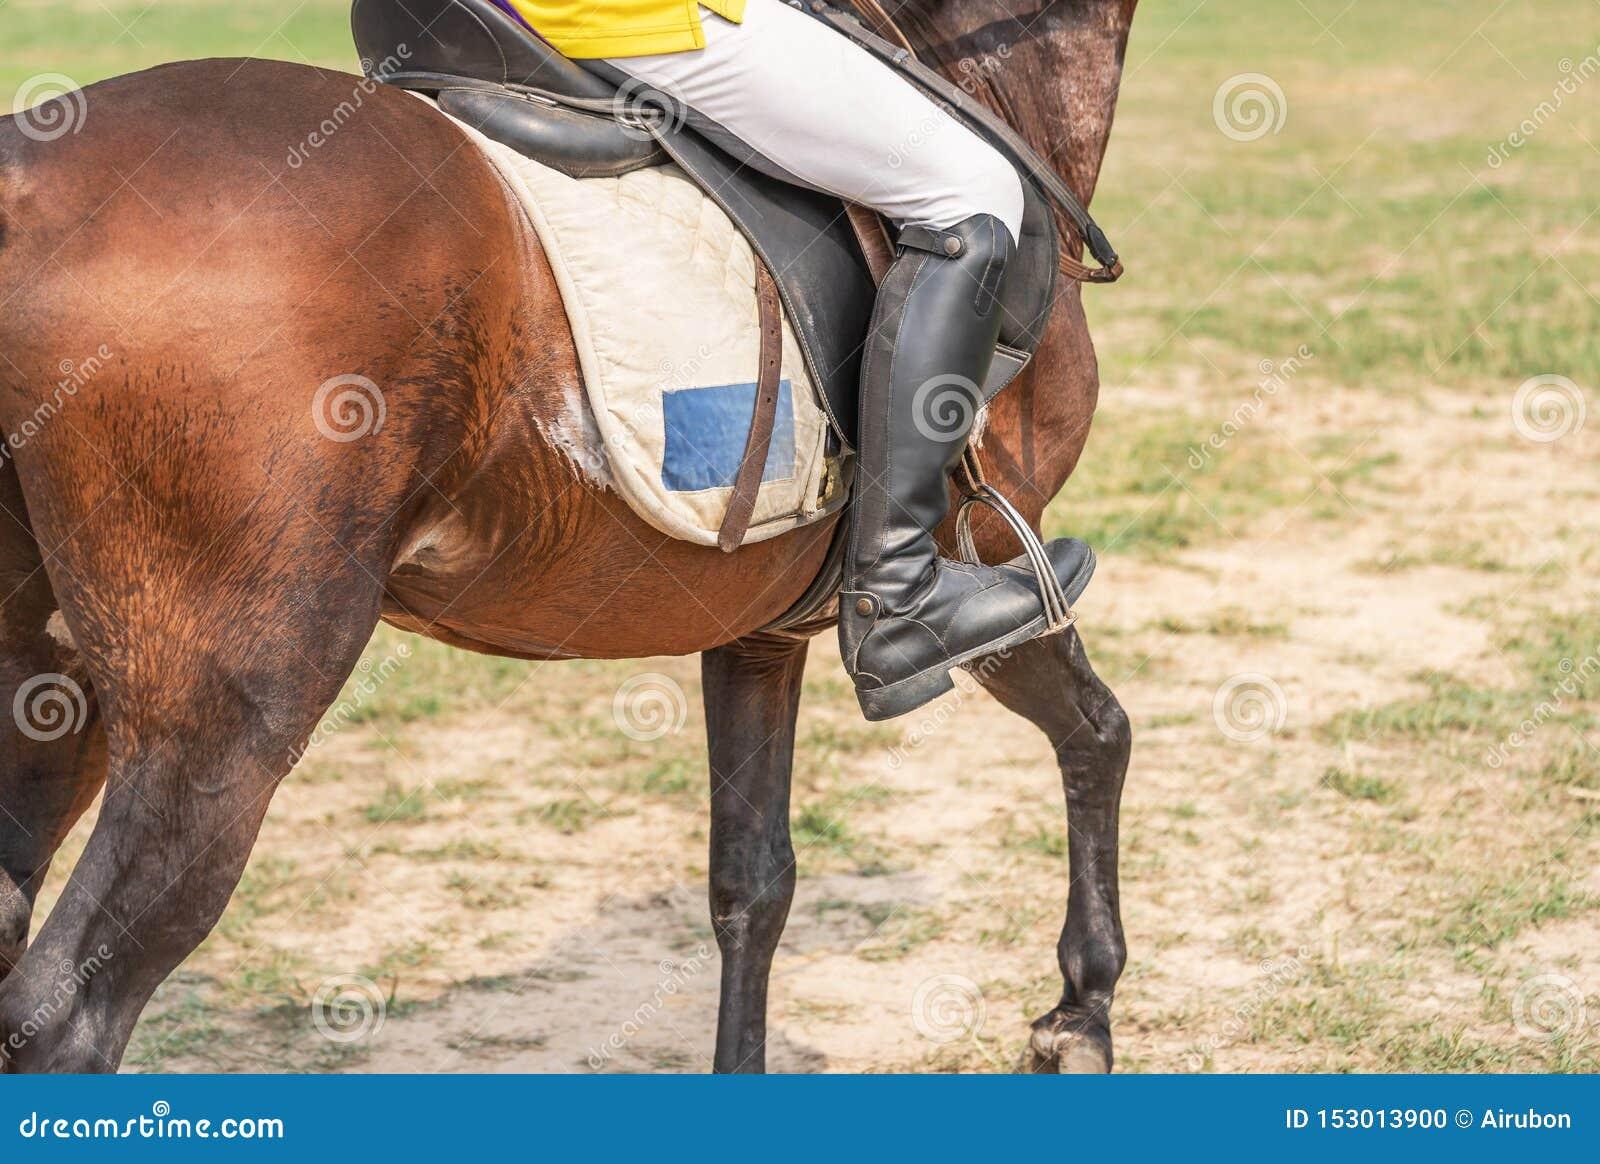 Equestrians во время разминок нагревают для подготовки конкуренции в ипподроме